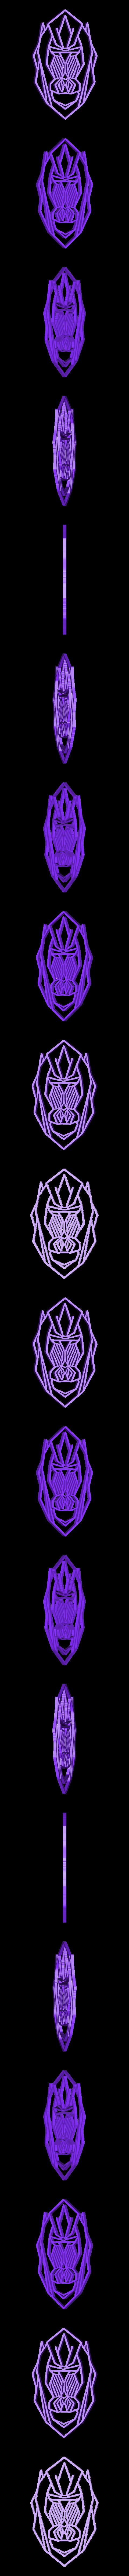 gorilastl.stl Télécharger fichier STL Pack animaux 2D sculpture murale • Design pour imprimante 3D, UnpredictableLab